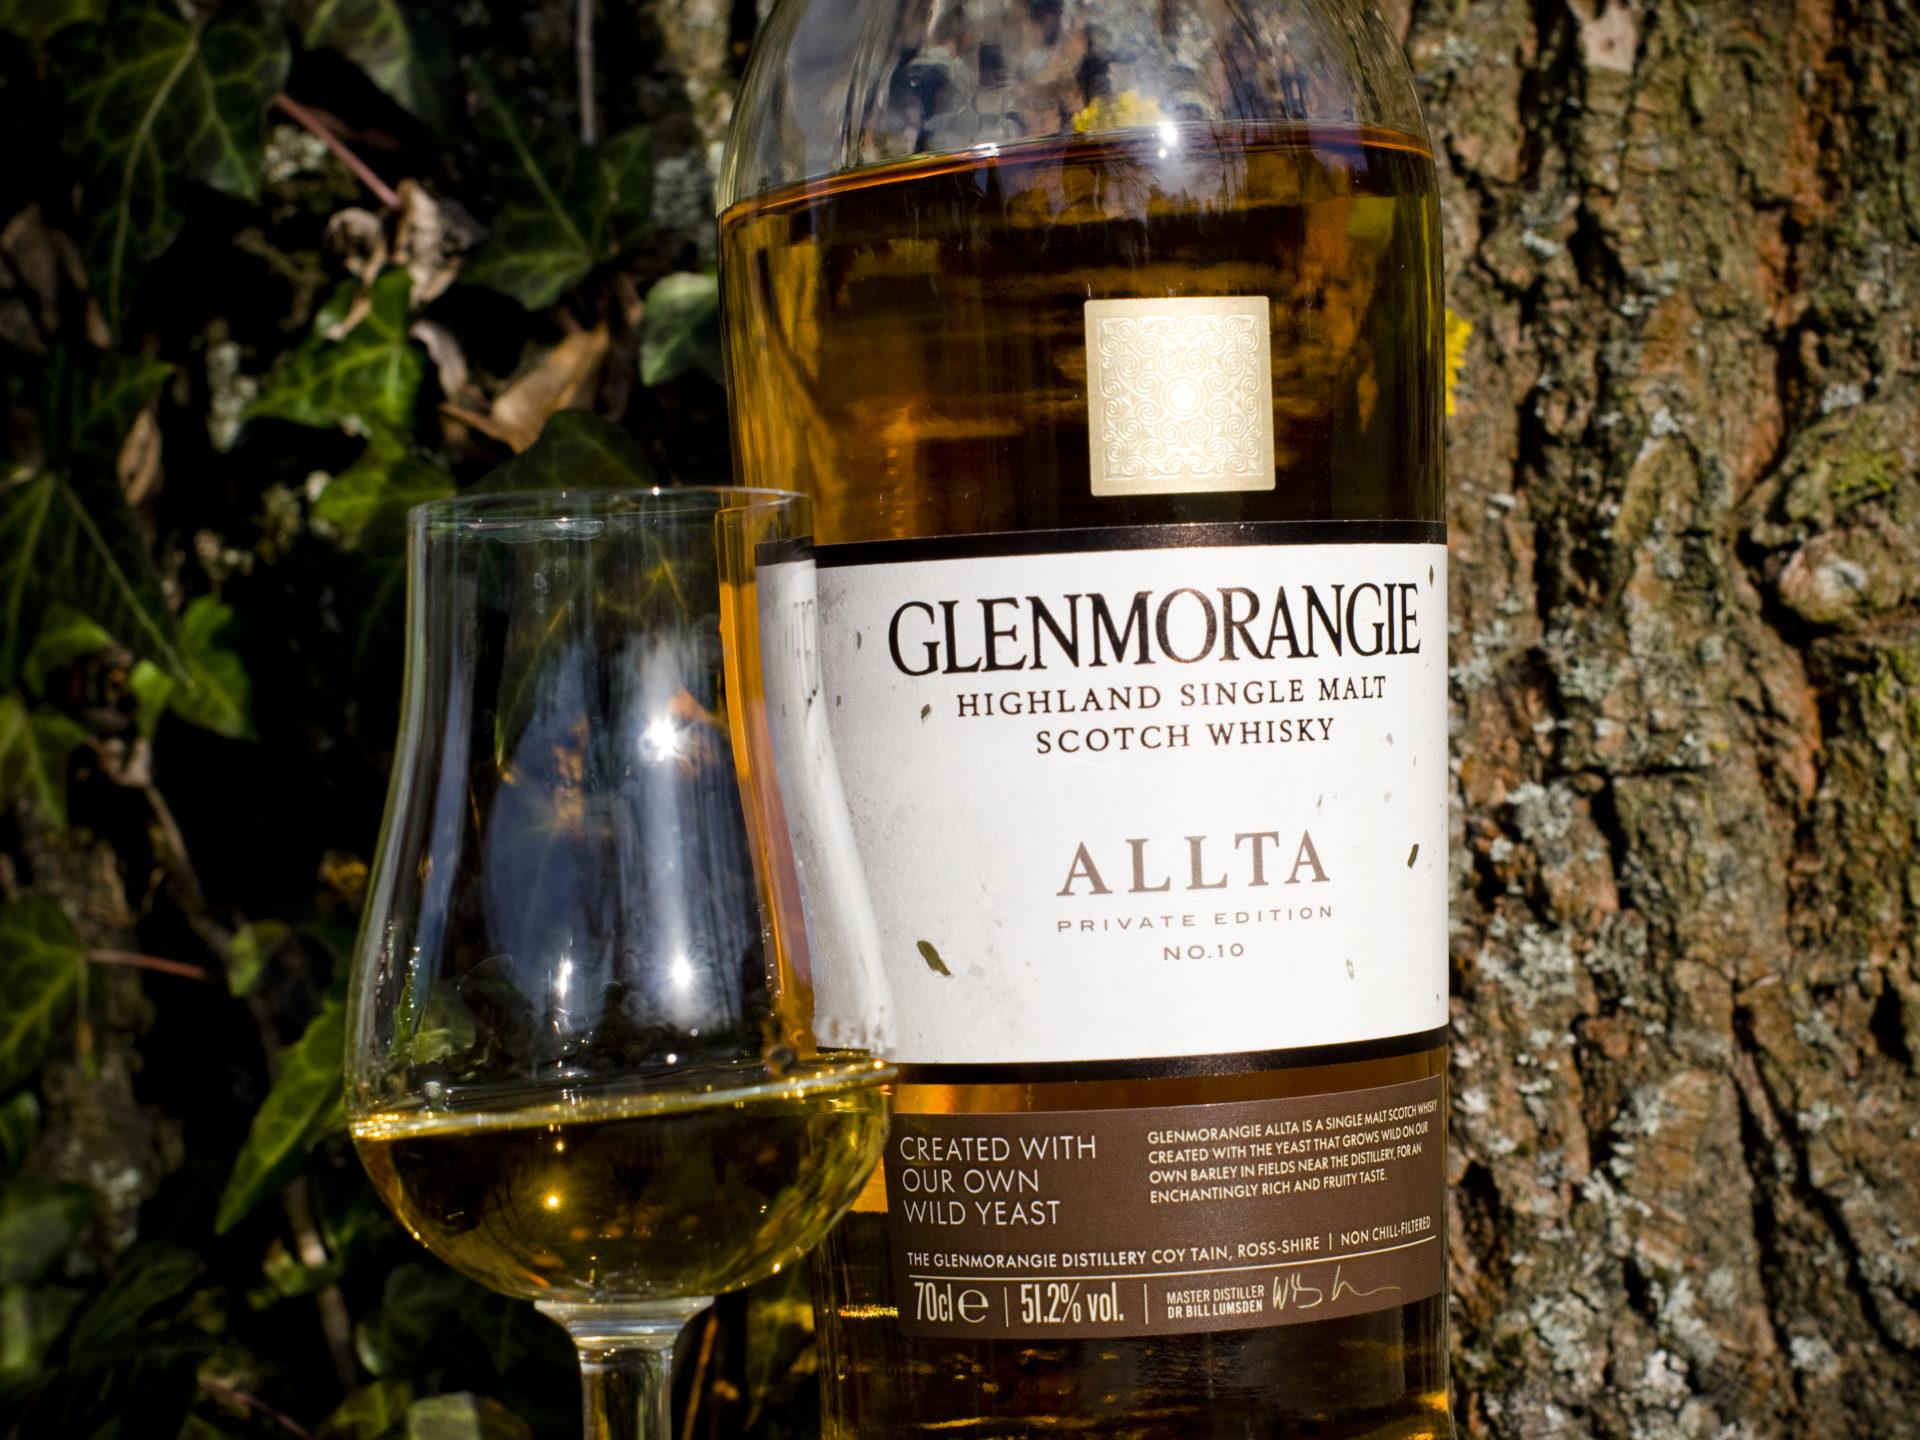 Nasza recenzja Glenmorangie Allta #14